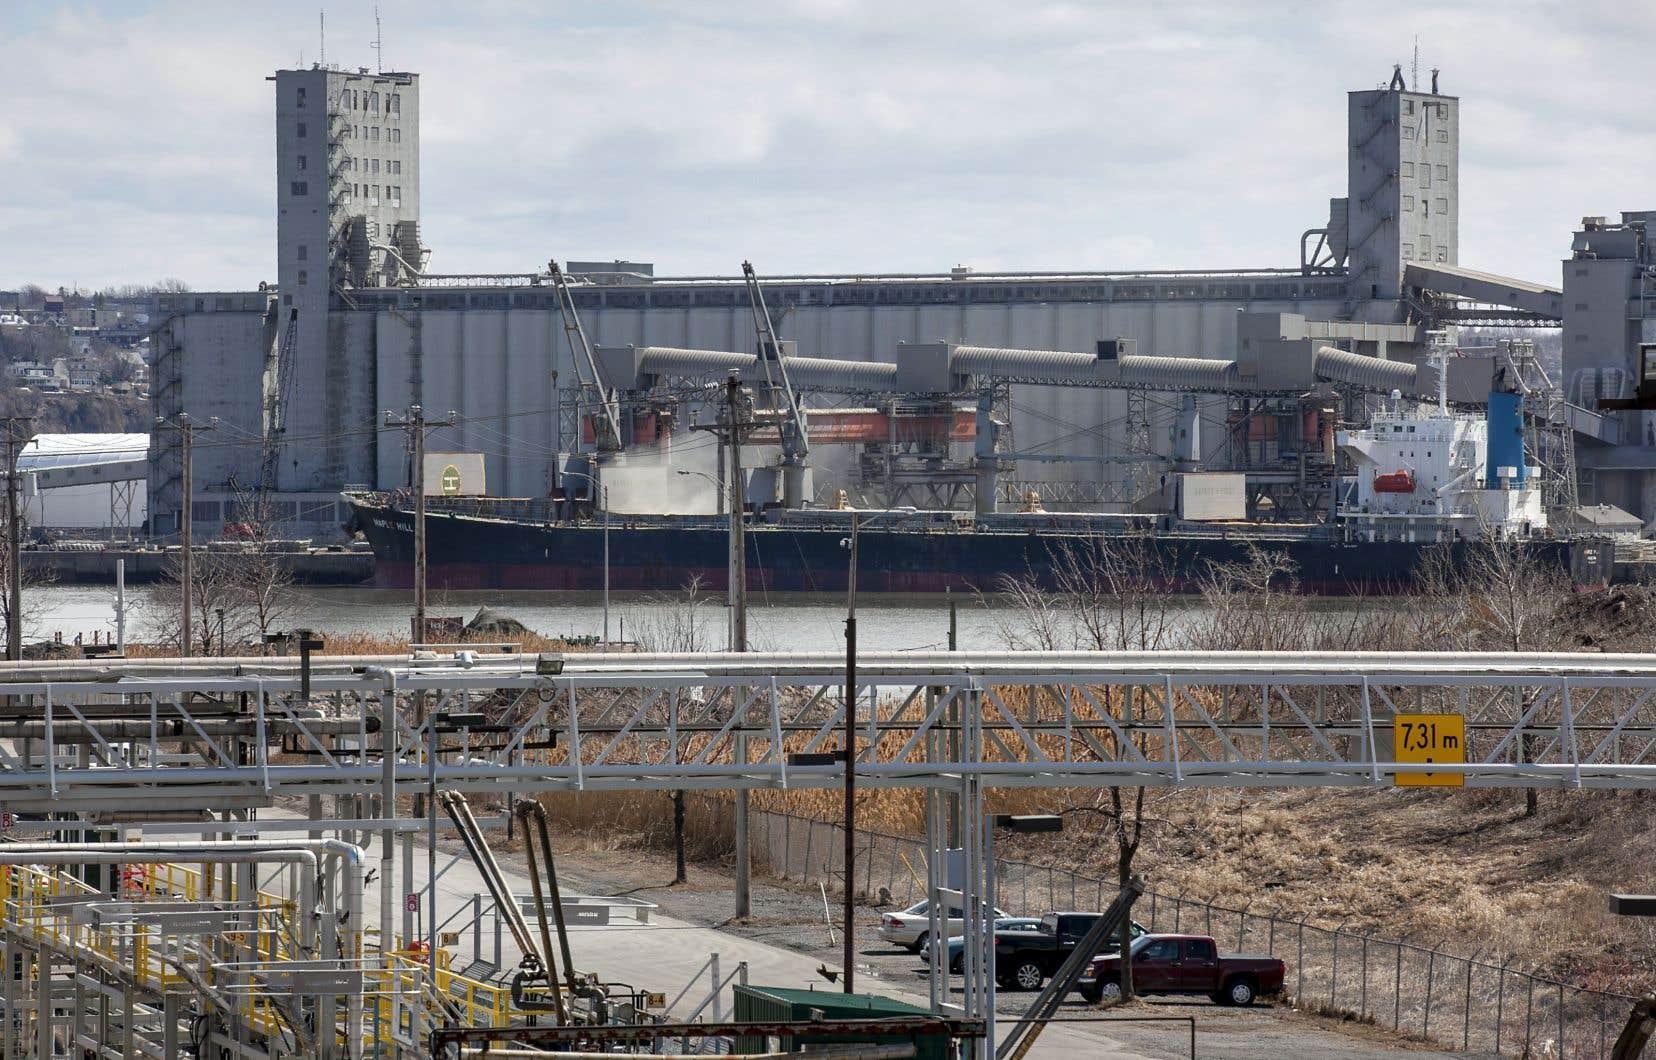 L'entreprise Arrimage du Saint-Laurent exploite deux terminaux au port de Québec. La compagnie a reconnu dans le passé sa responsabilité dans l'épisode de poussière rouge survenu à la fin de 2012.